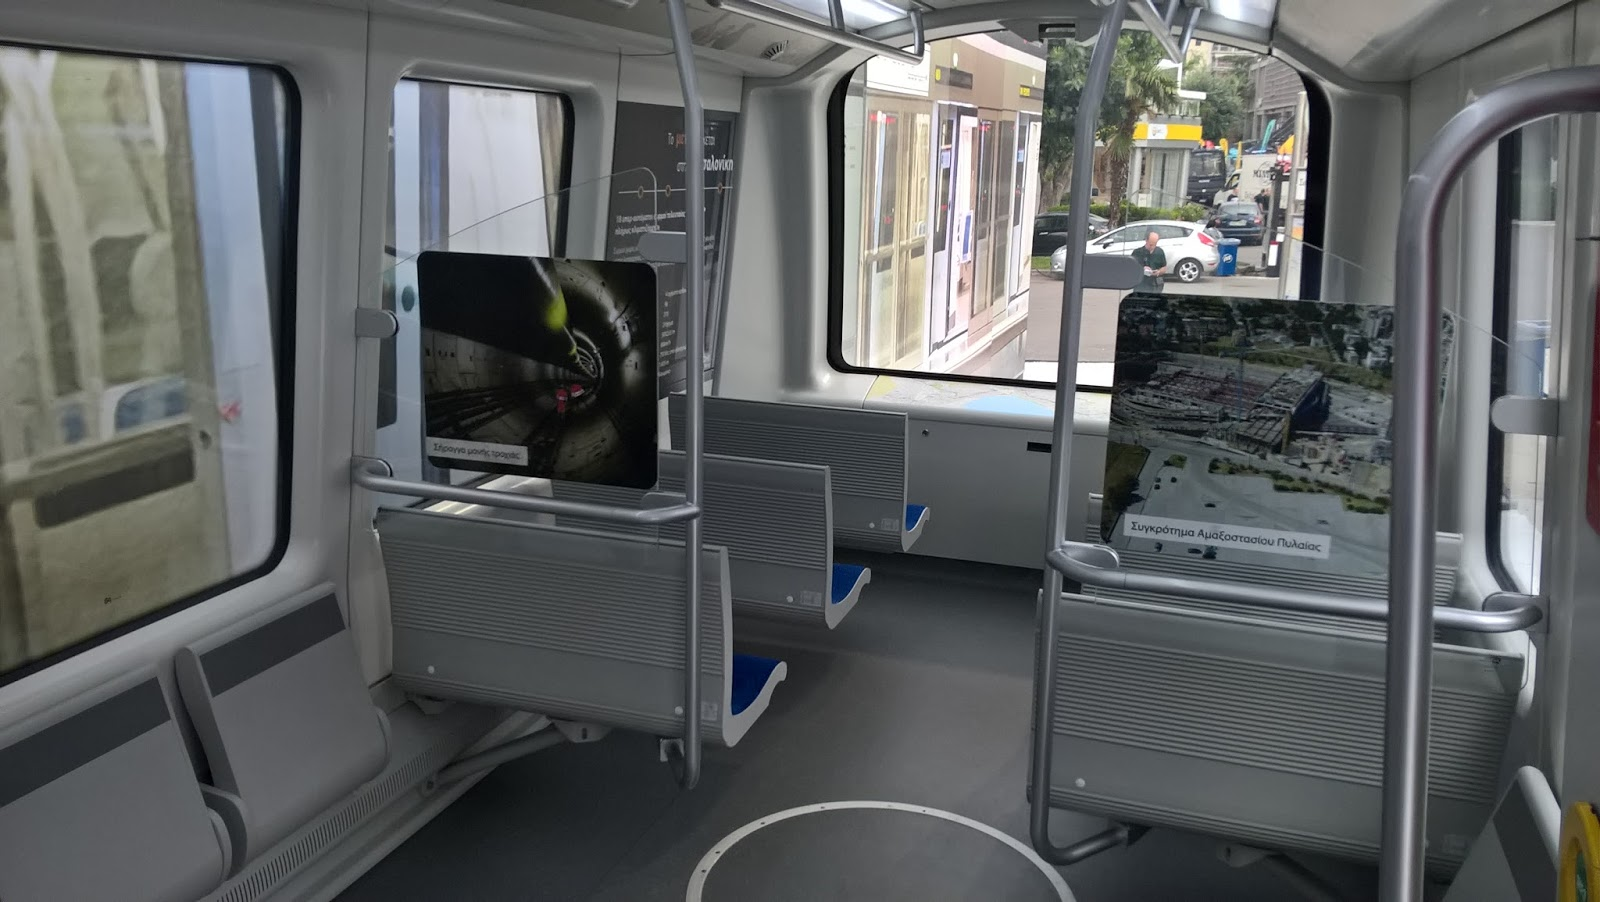 Μετρό Θεσσαλονίκης: Δείτε τις πρώτες εικόνες από το εσωτερικό του!